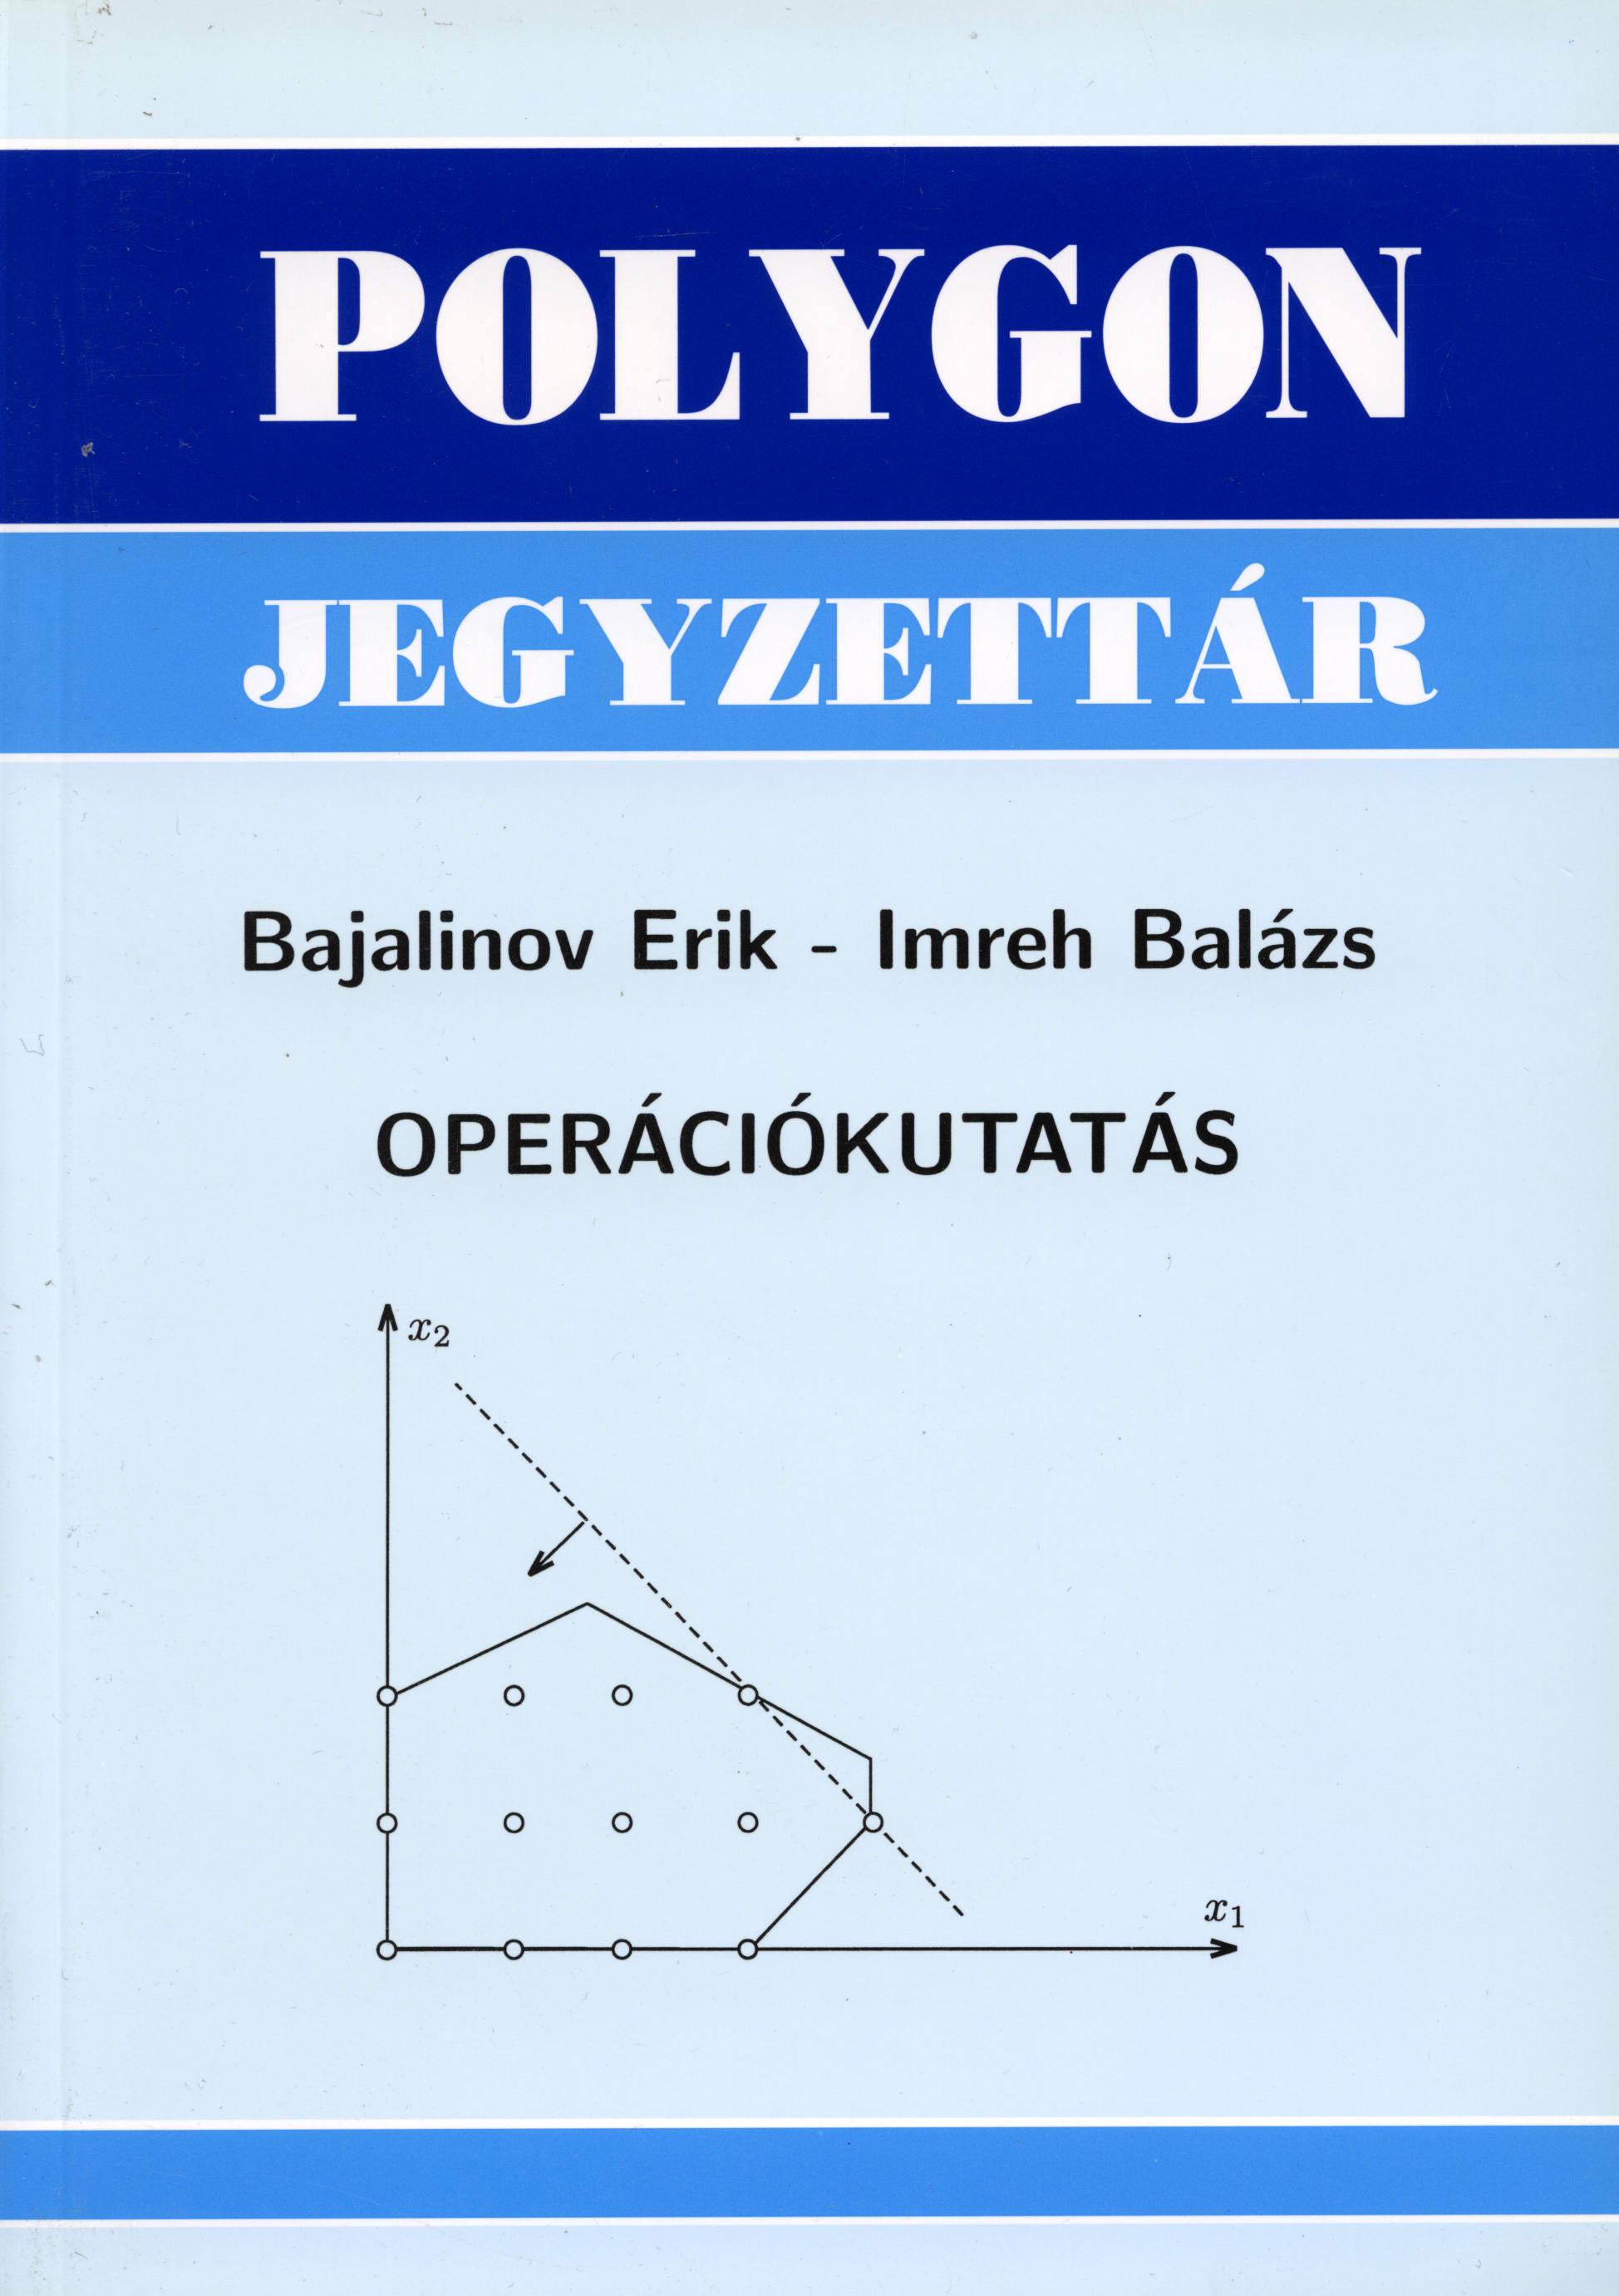 Operációkutatás - Polygon jegyzet